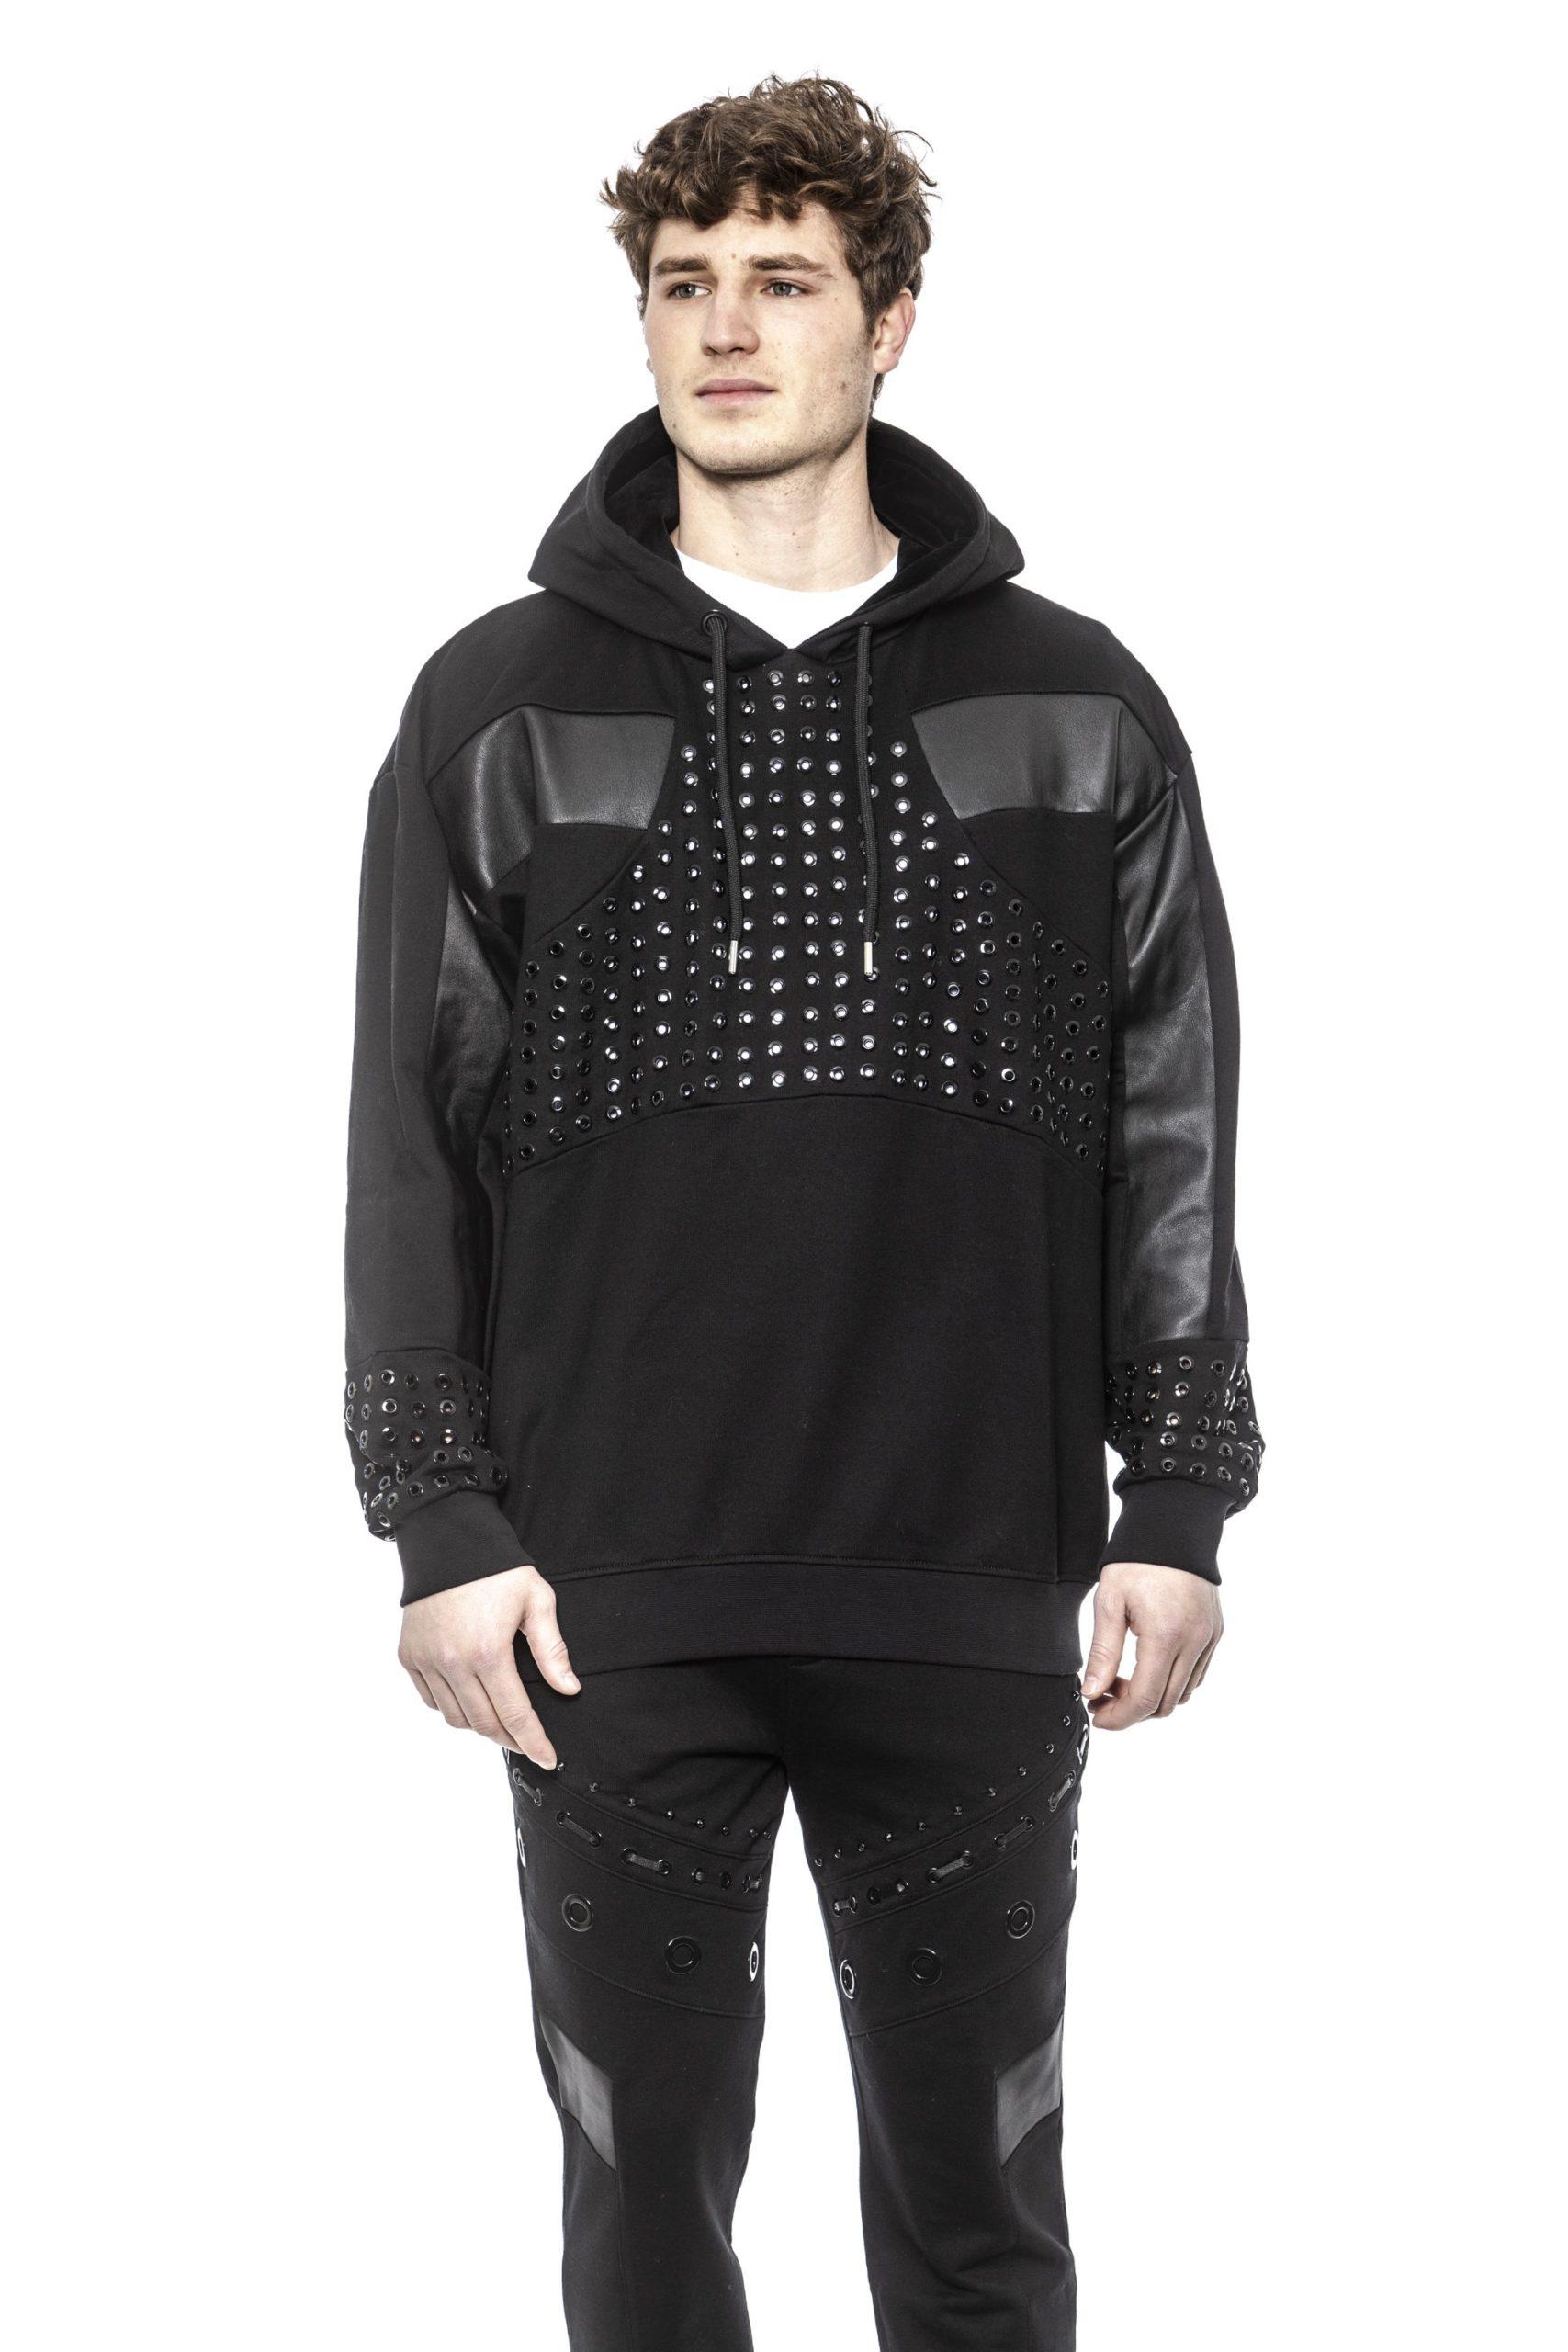 Les Hommes Men's Sweater Black LE1395262 - S